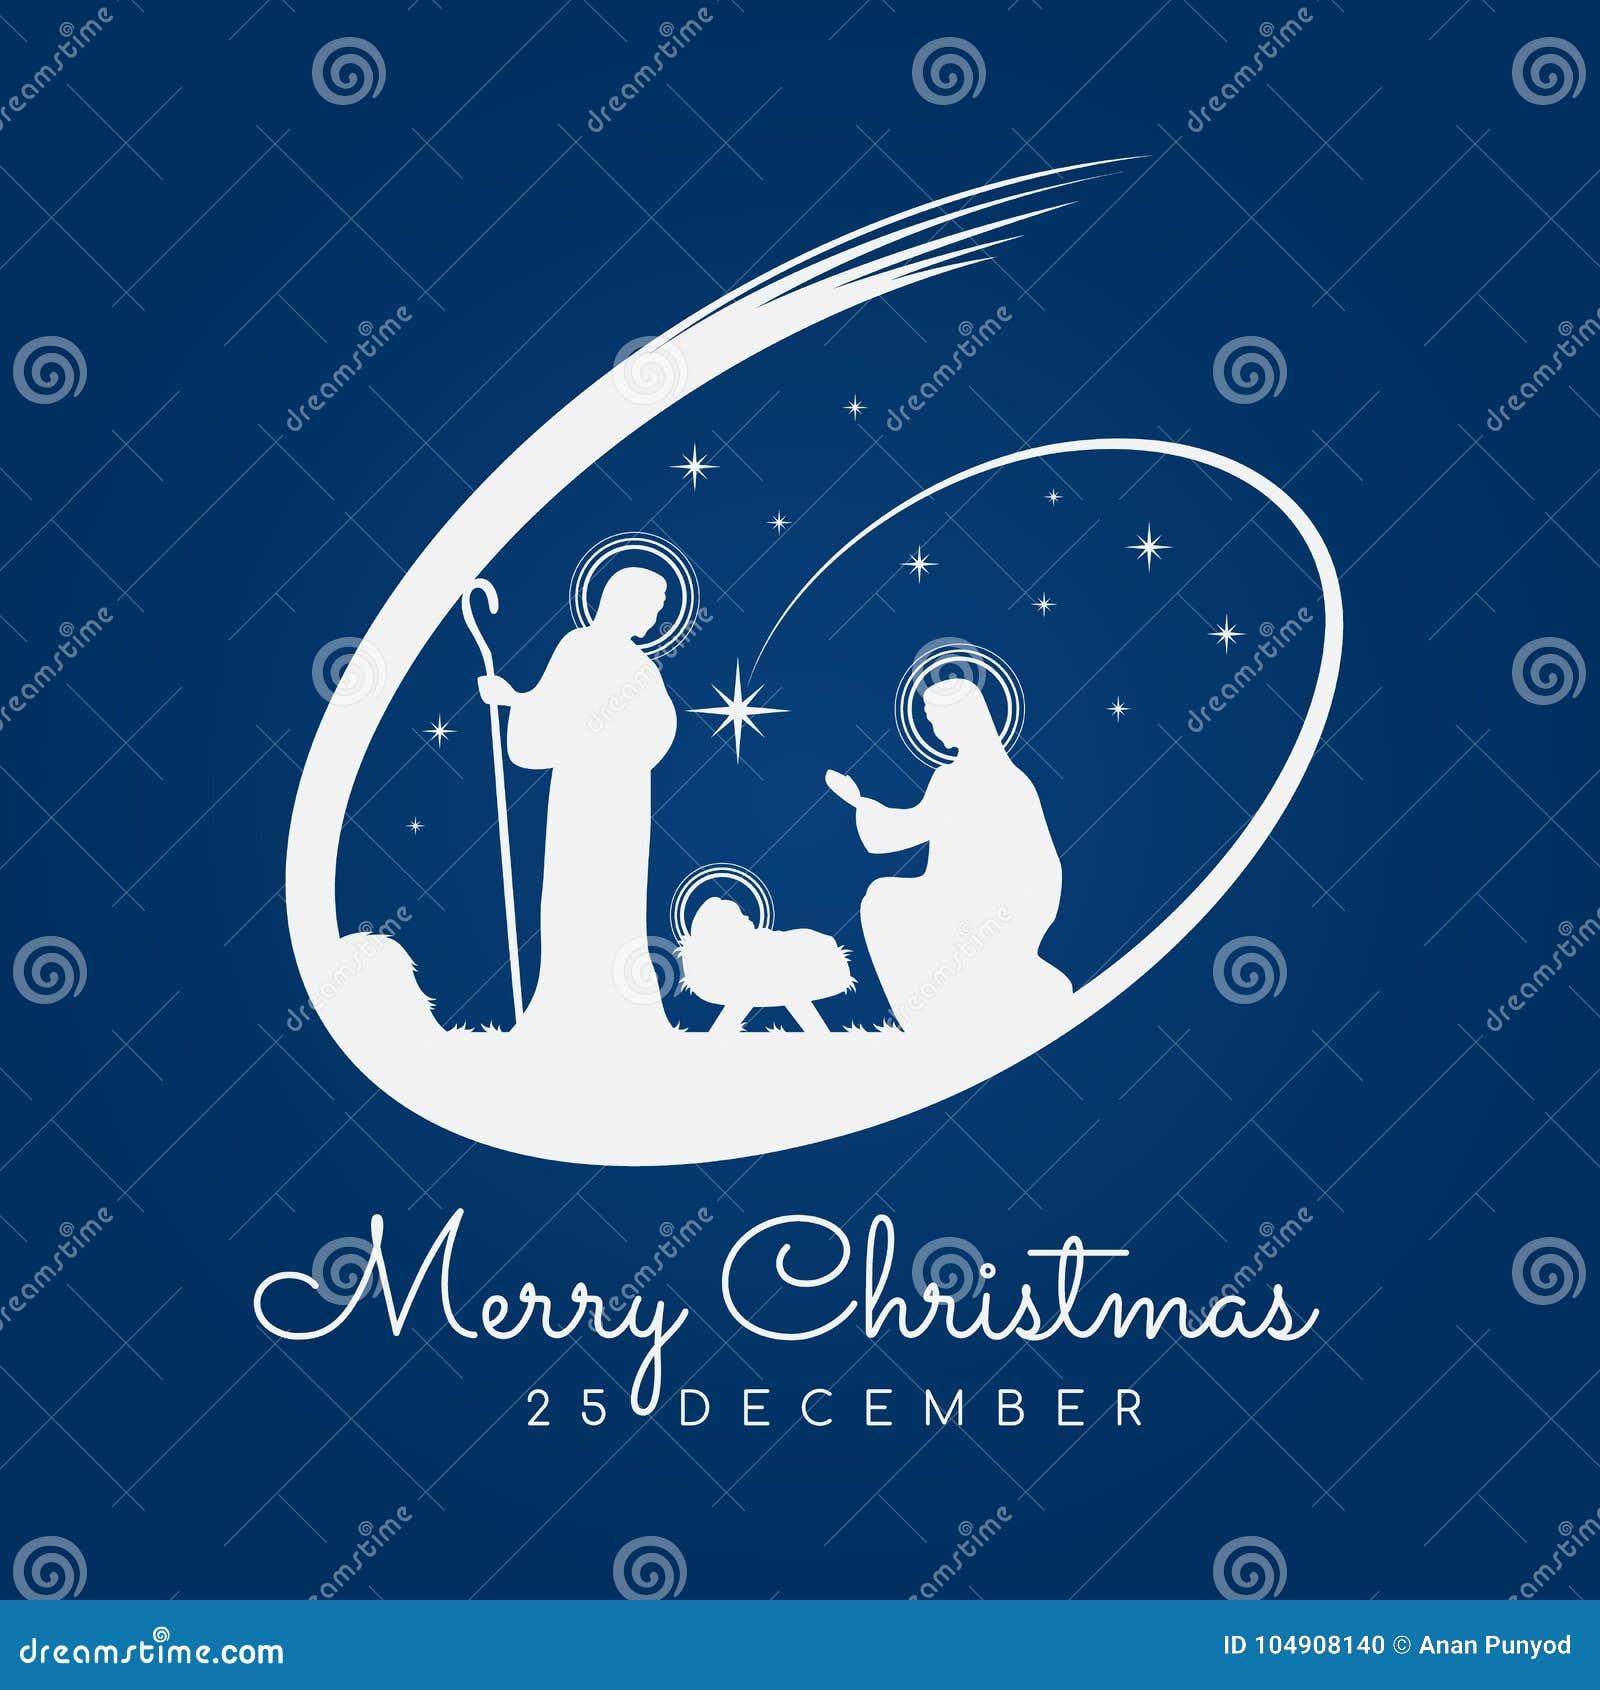 Frohe Weihnachten Jesus.Fahnenzeichen Der Frohen Weihnachten Mit Nachtlicher